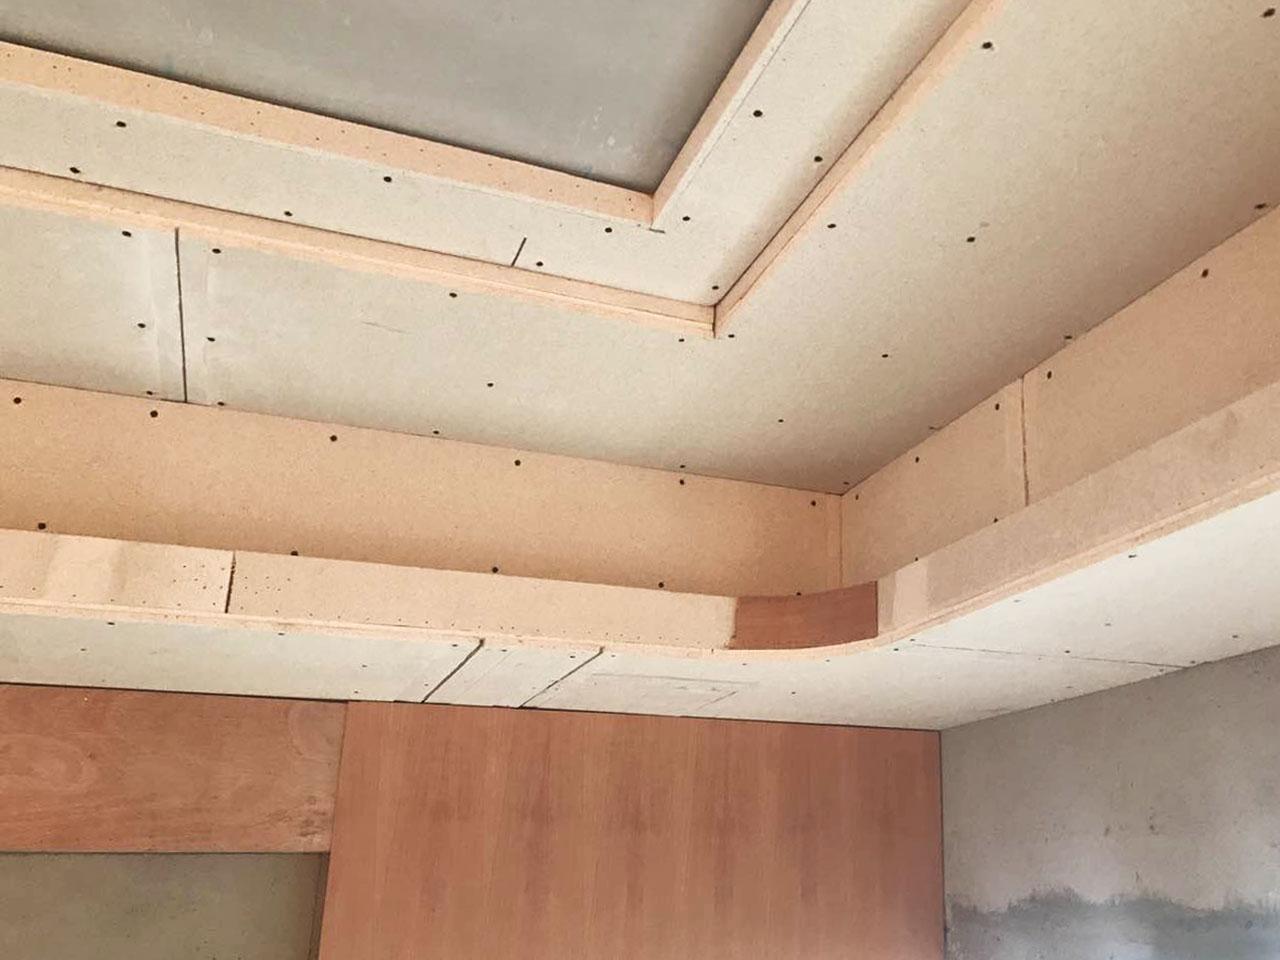 即从地面 到天花) 3,电路施工完成后全房通电测试试运行 1,天花吊顶封